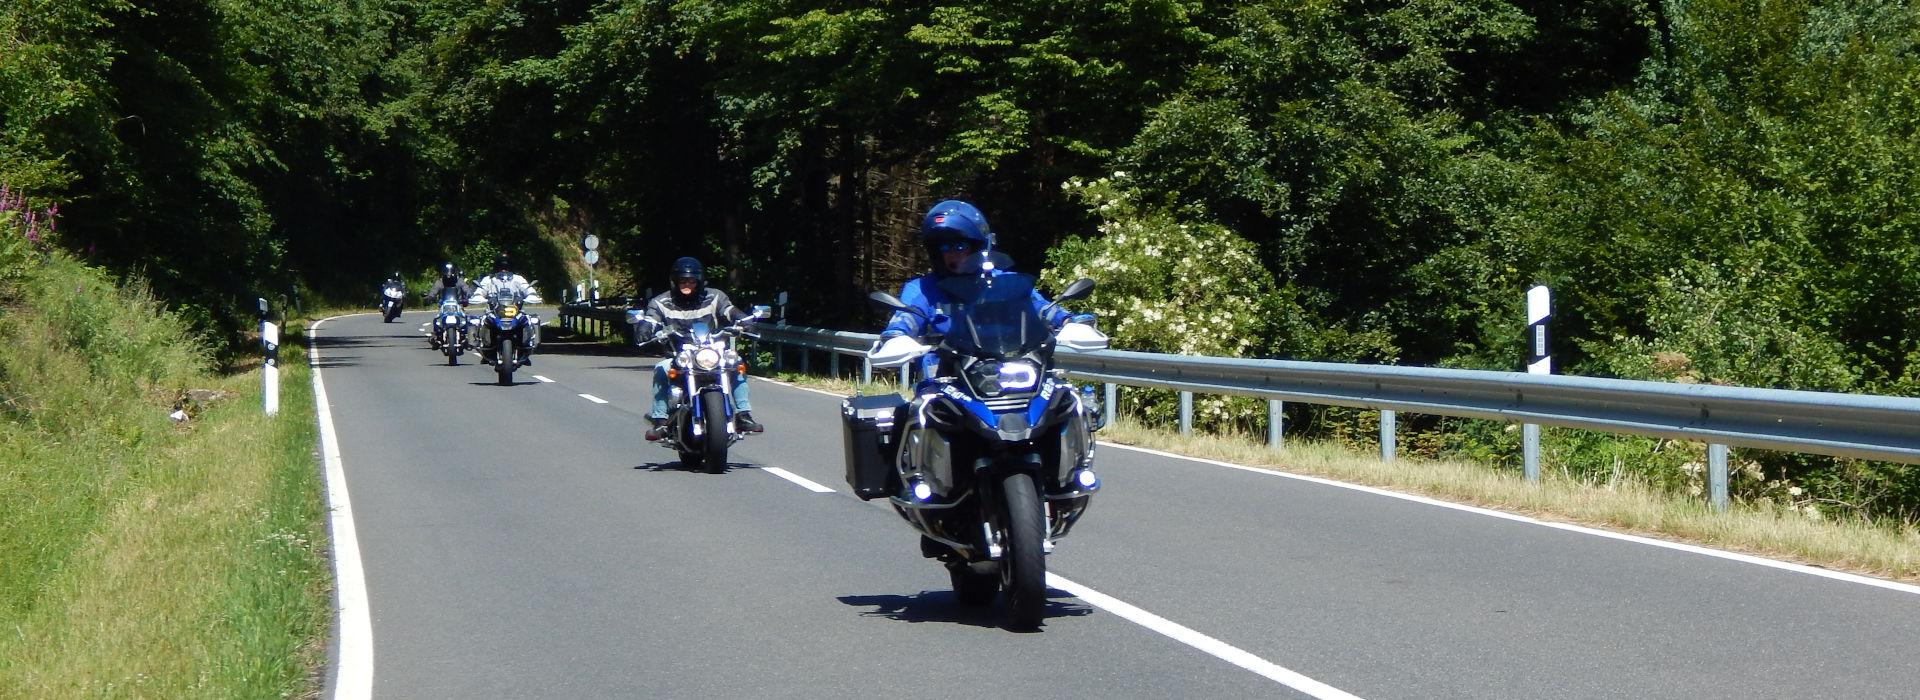 Motorrijbewijspoint Wassenaar spoed motorrijbewijs